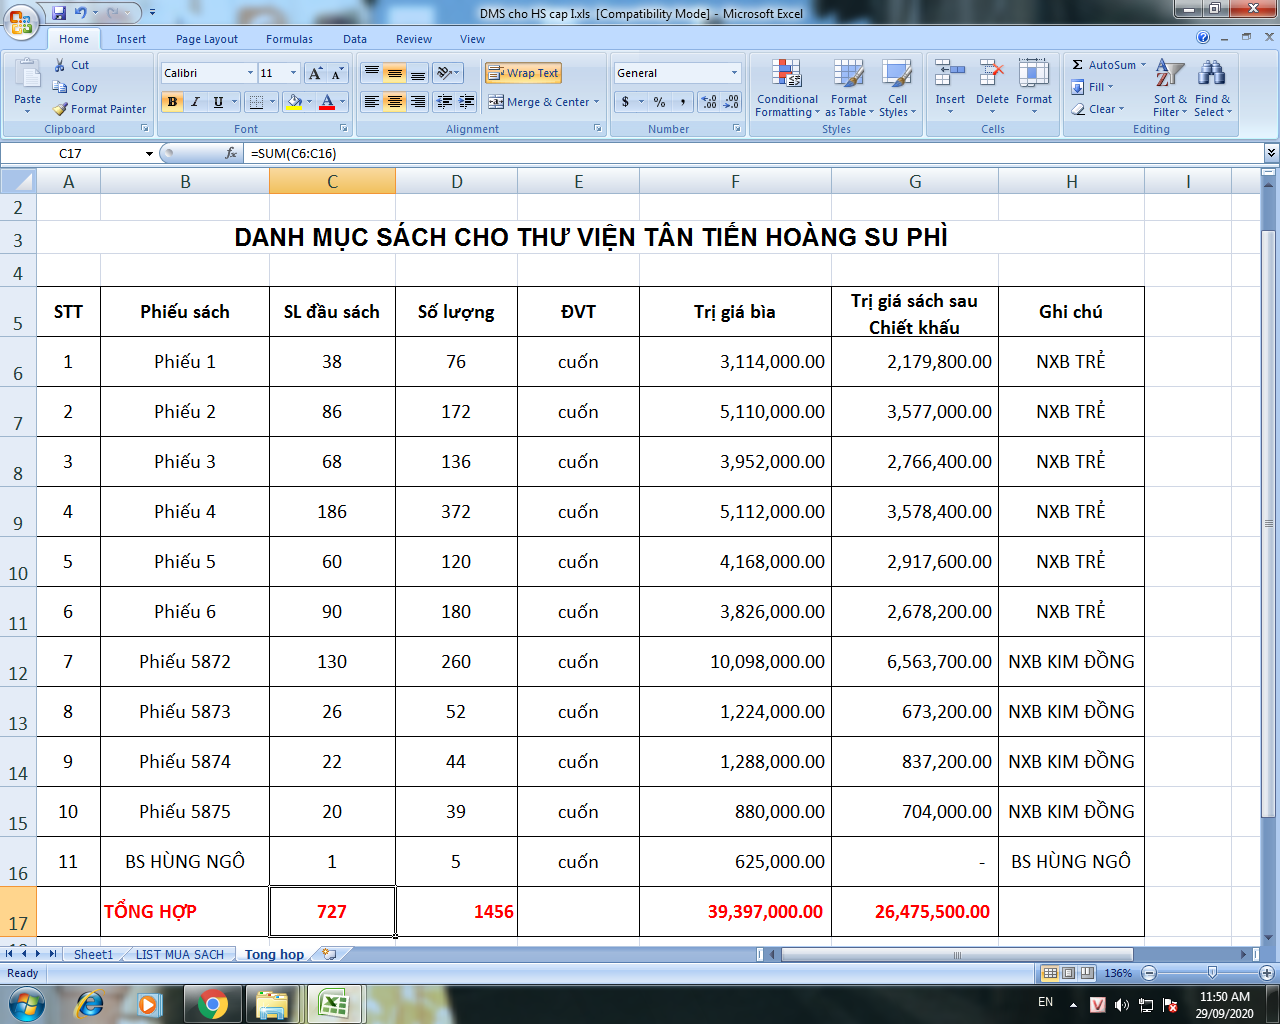 DMS TV HOANG SU PHI.png